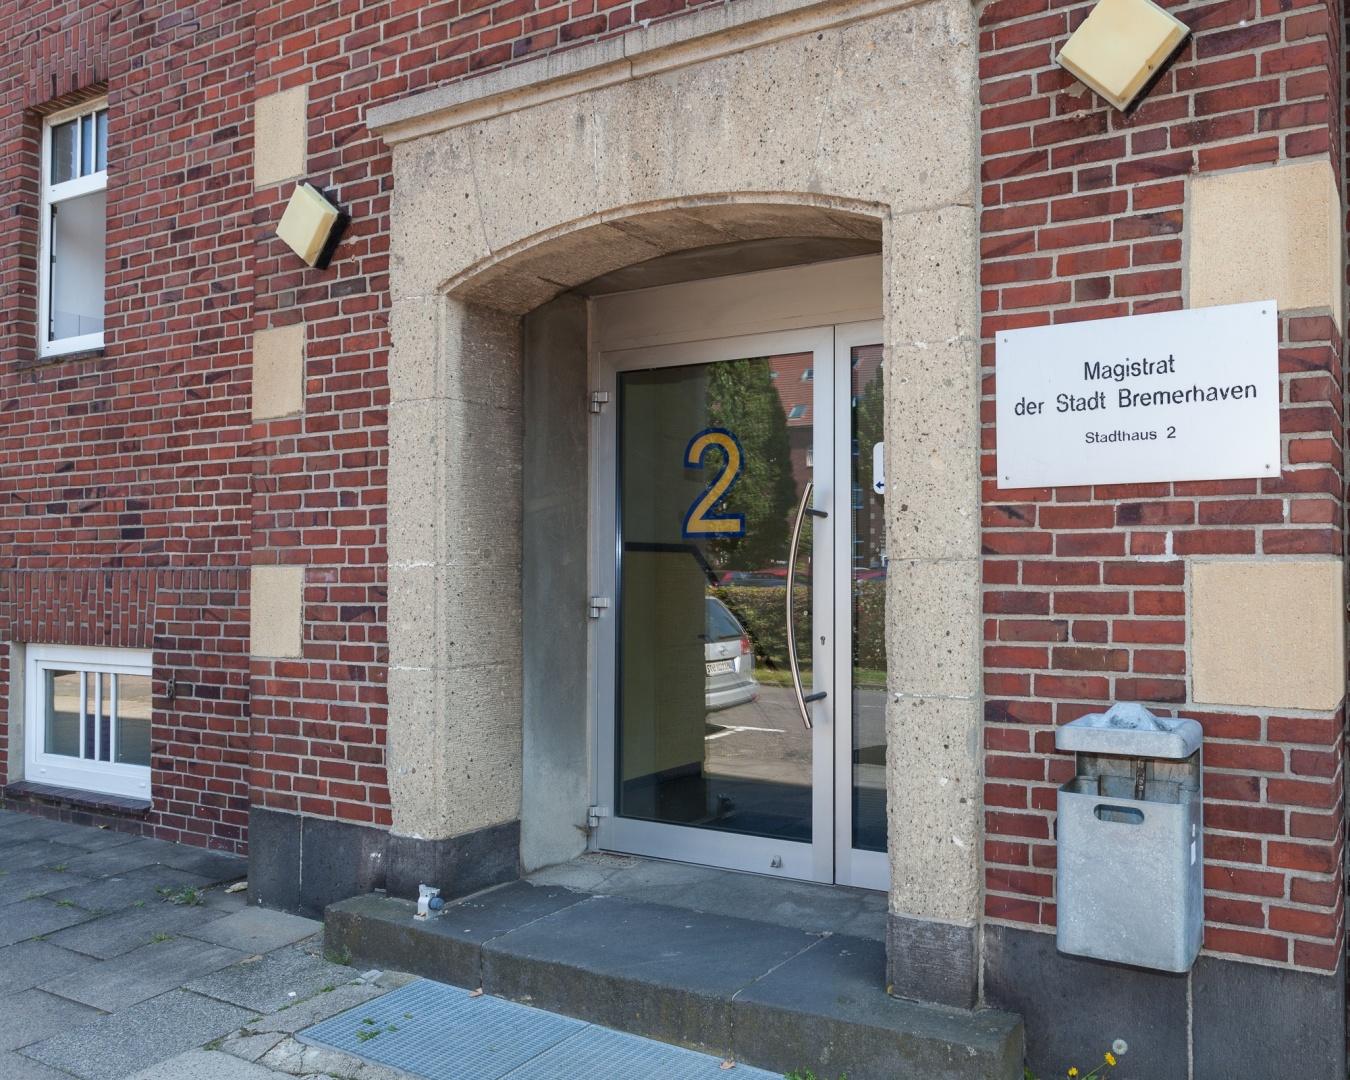 Huren Bremerhaven, Stadtgemeinde